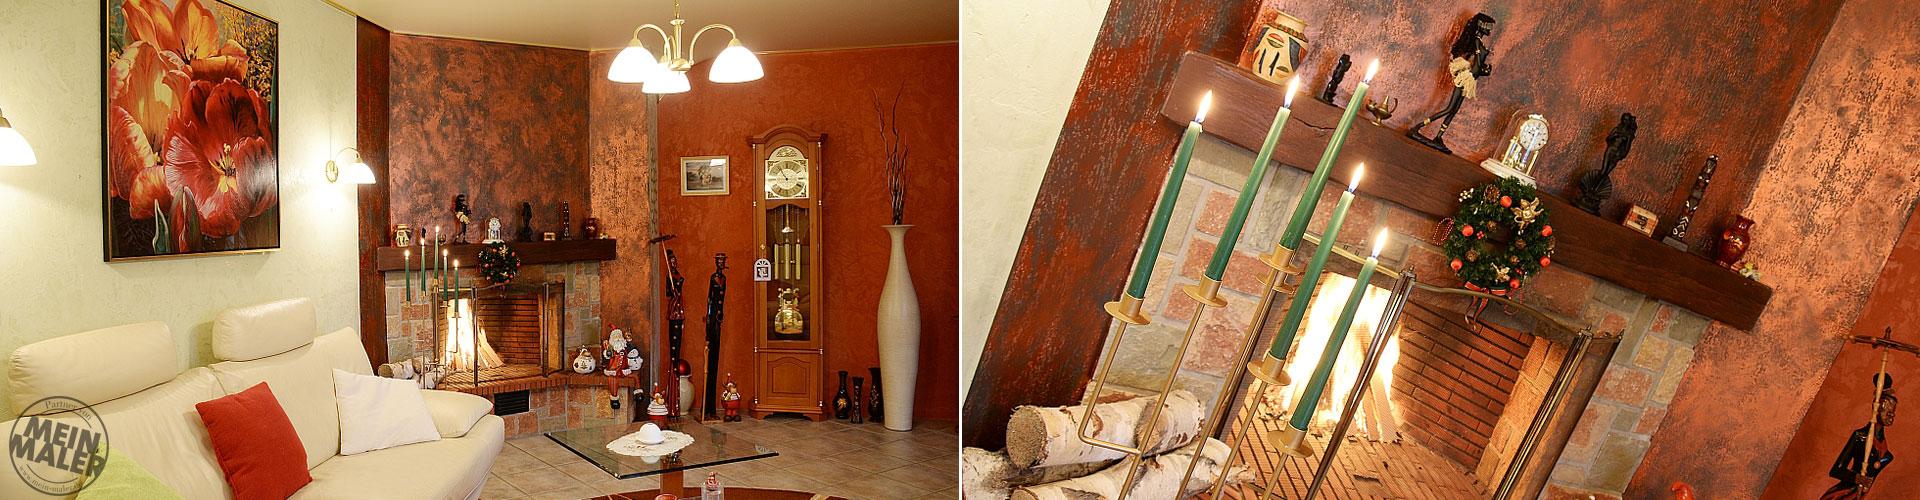 Kamin-Gestaltung / Kreatives-Design / Kupfer-Gruenspanpatina